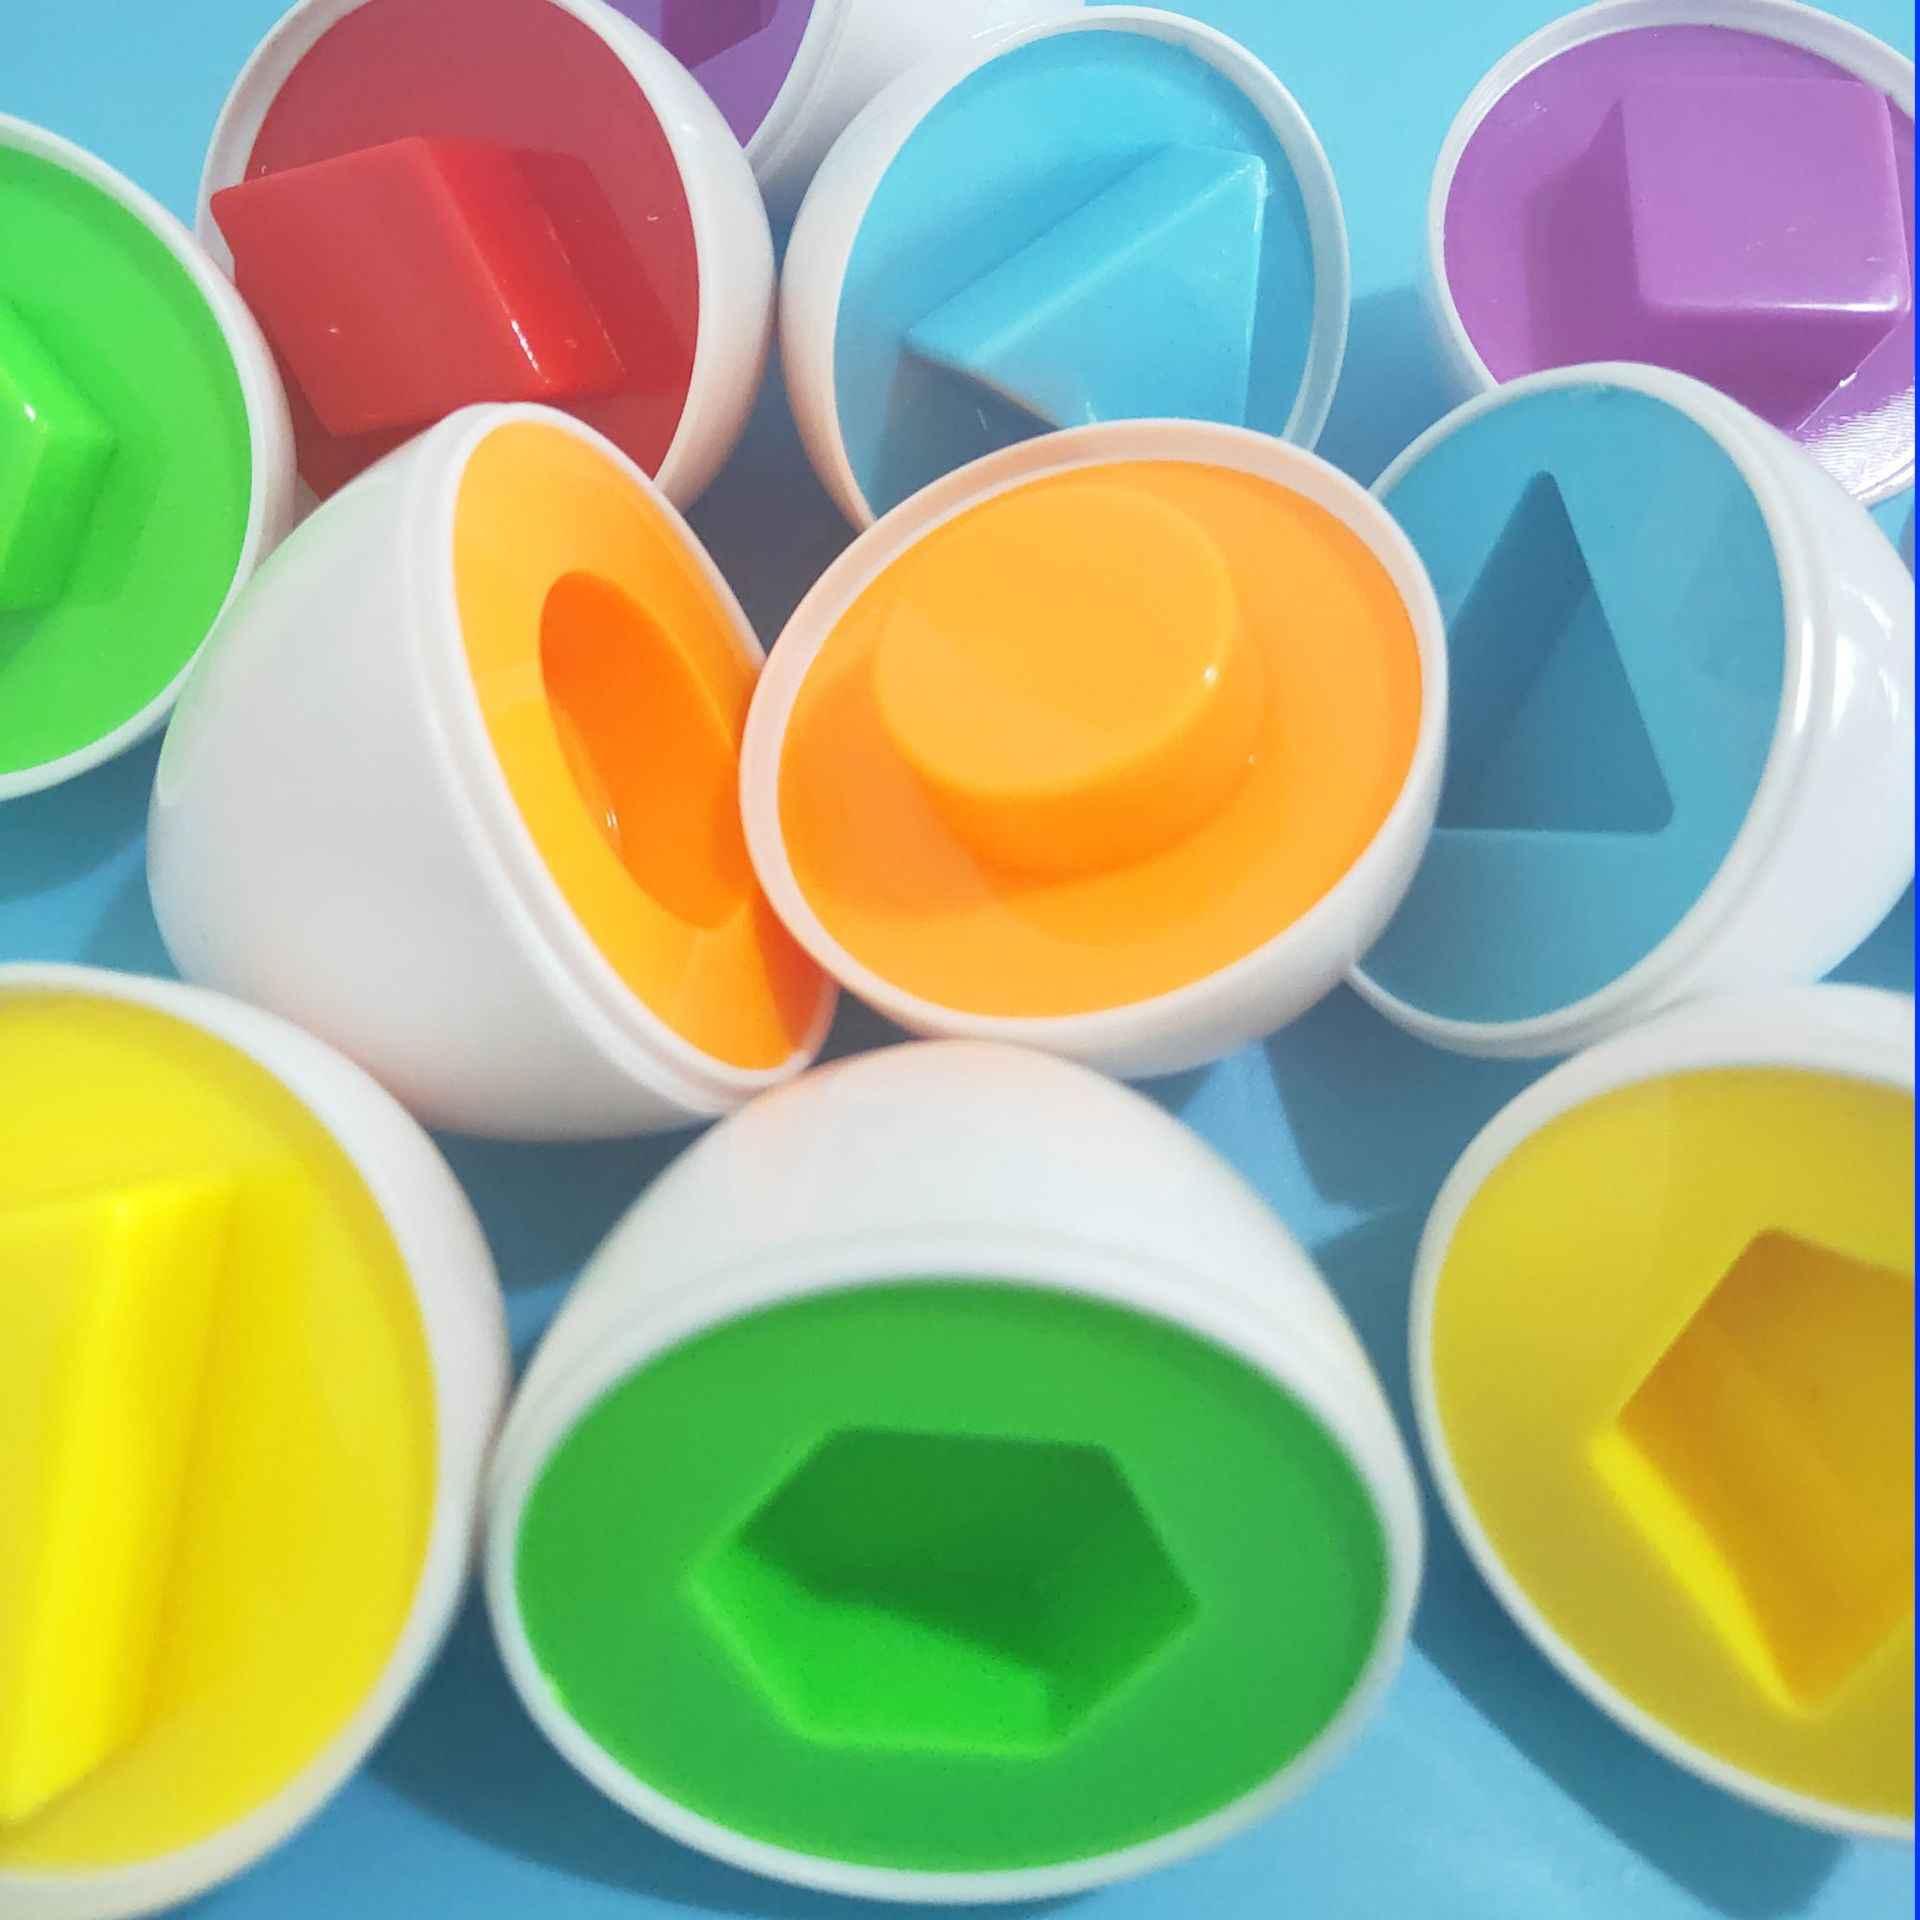 ثلاثية الأبعاد لغز 6 البيض الذكية شكل مختلط الحكمة التظاهر مونتيسوري تعلم لعبة الدماغ للأطفال أطفال التعلم المبكر التعليمية الساخن